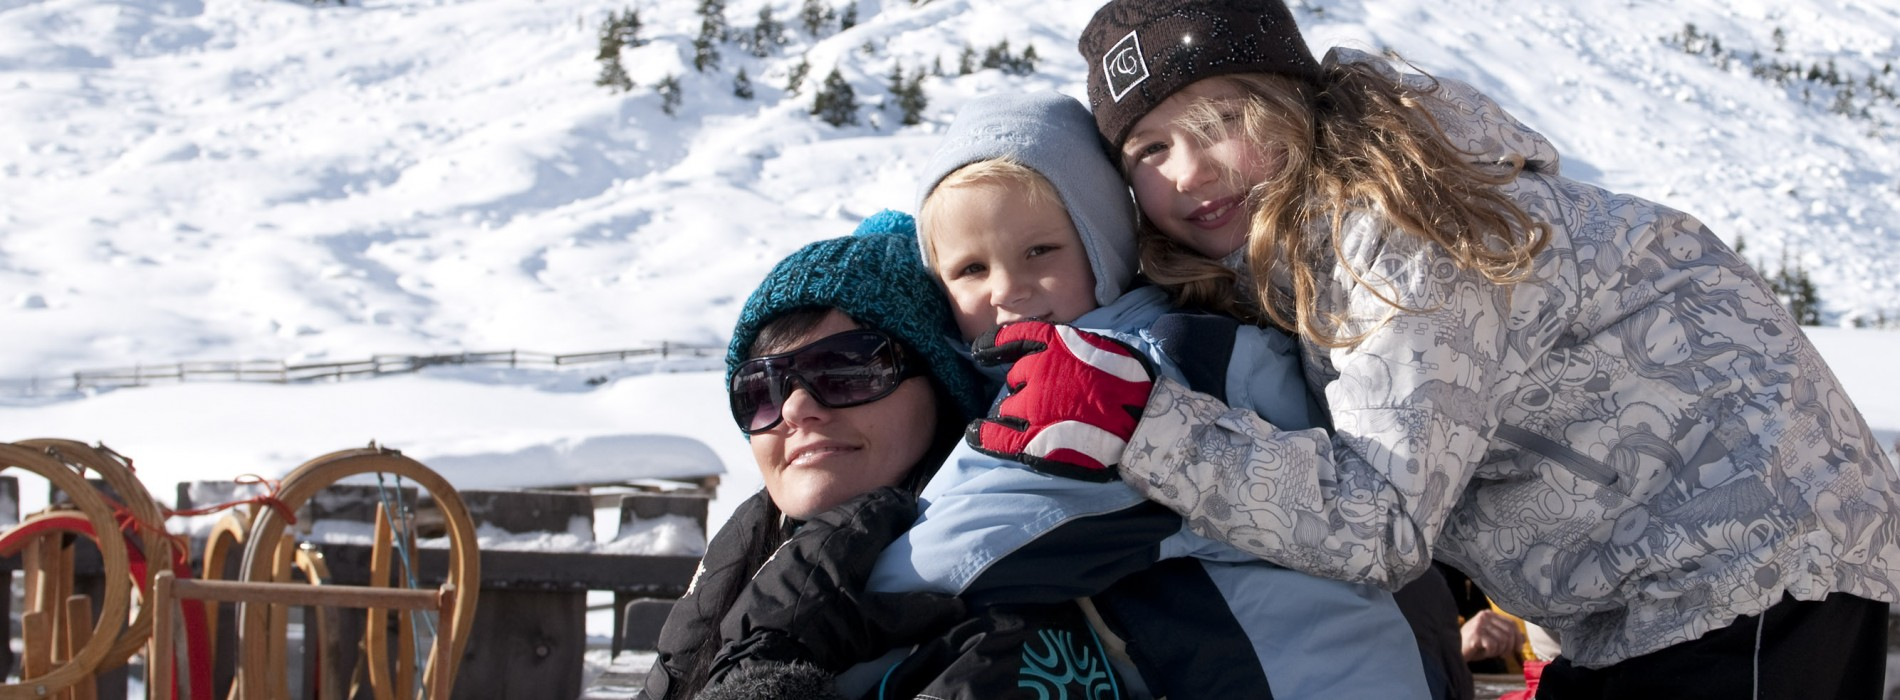 Tirolul deschide sezonul de schi 2013/2014